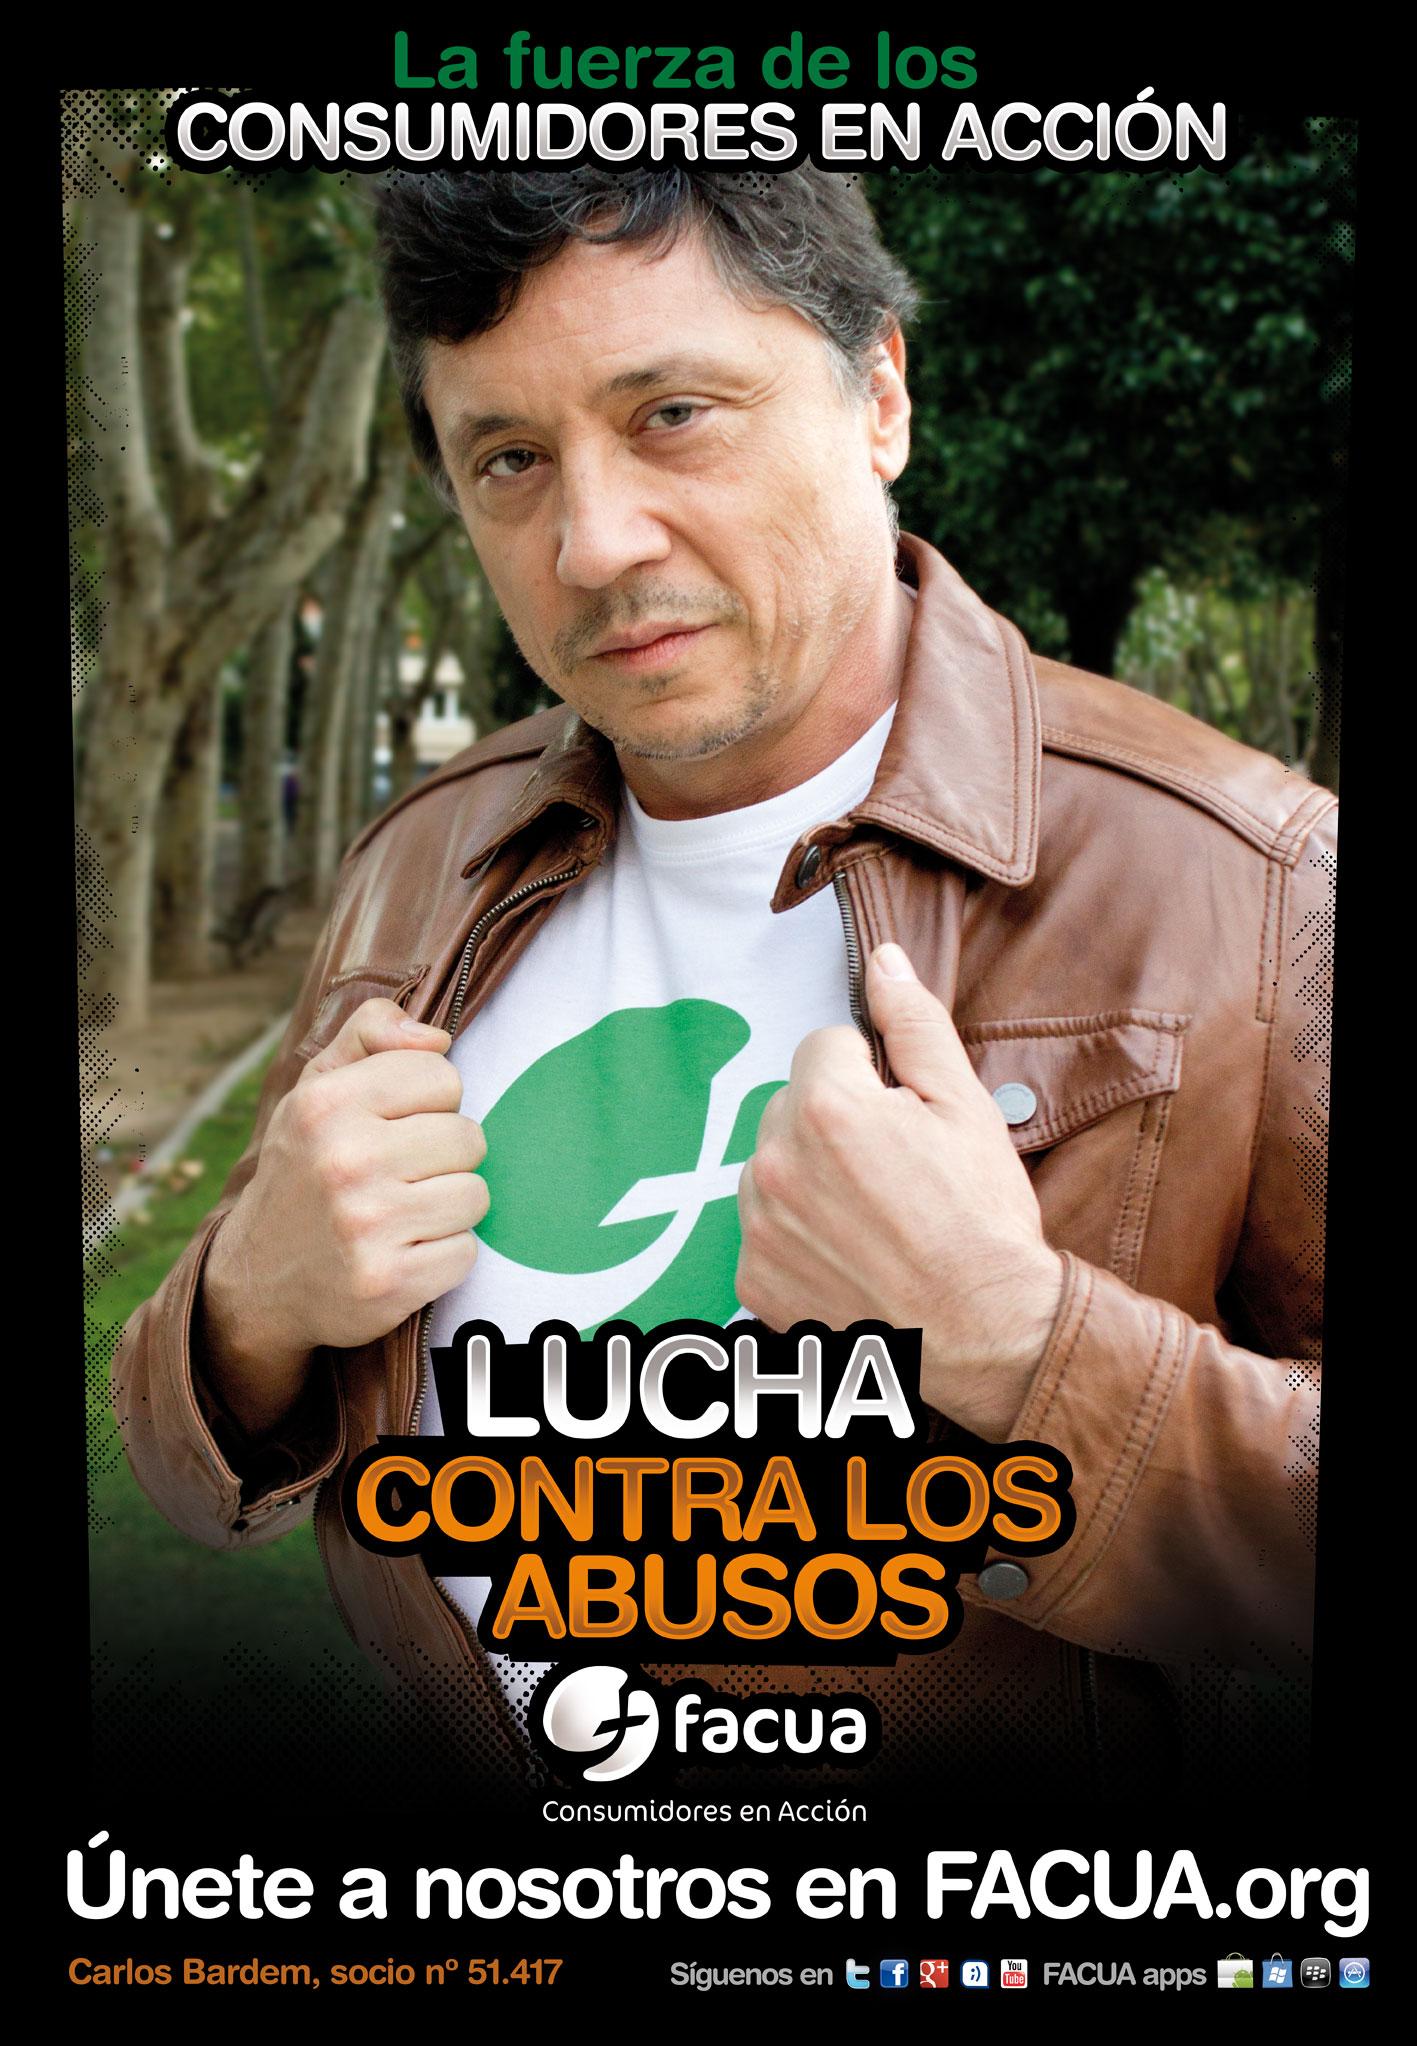 Carlos Bardem, contra la publicidad engañosa